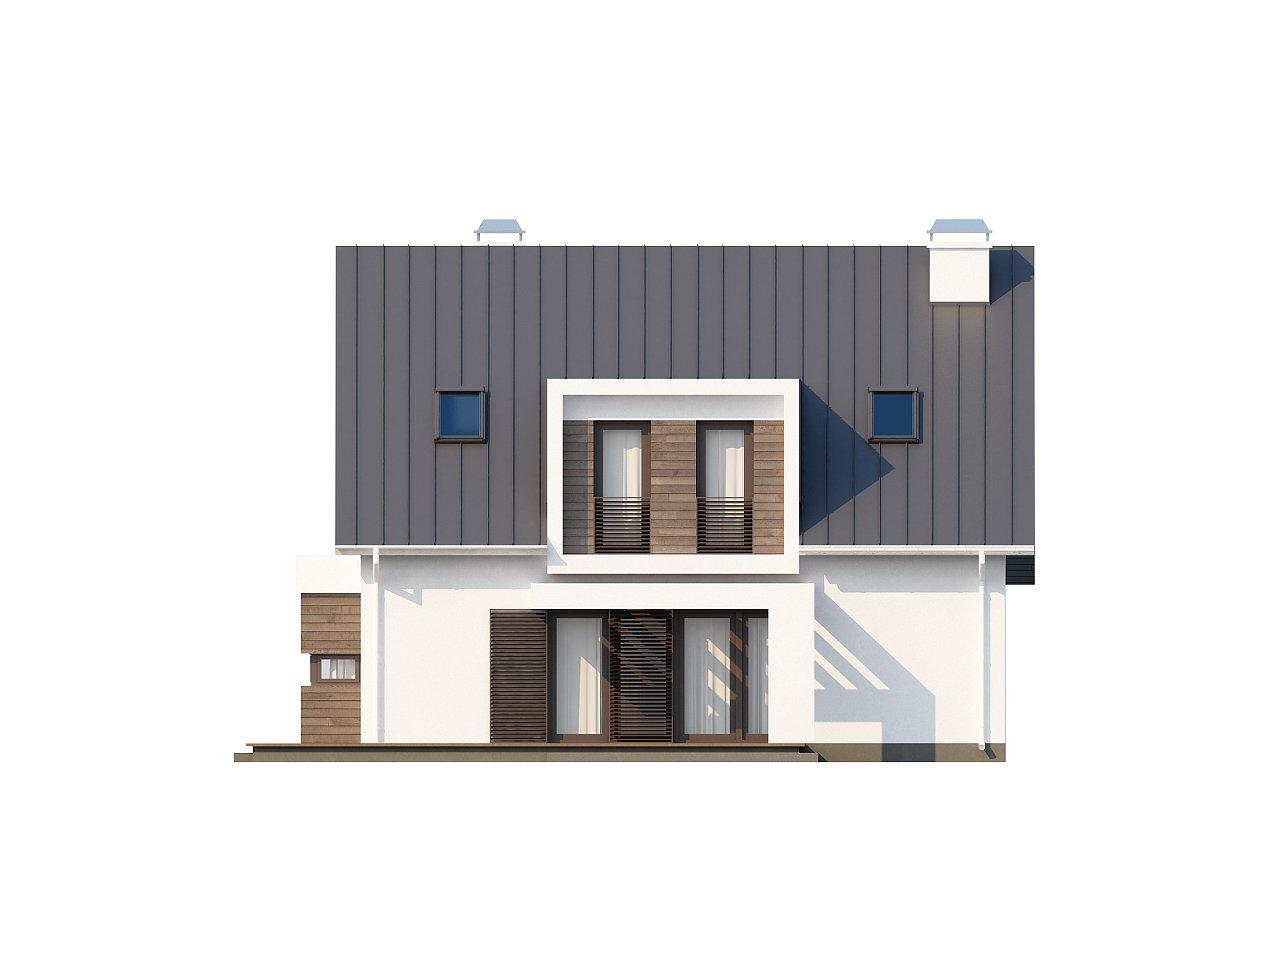 Стильный комфортный дом современного дизайна со встроенным гаражом. 4